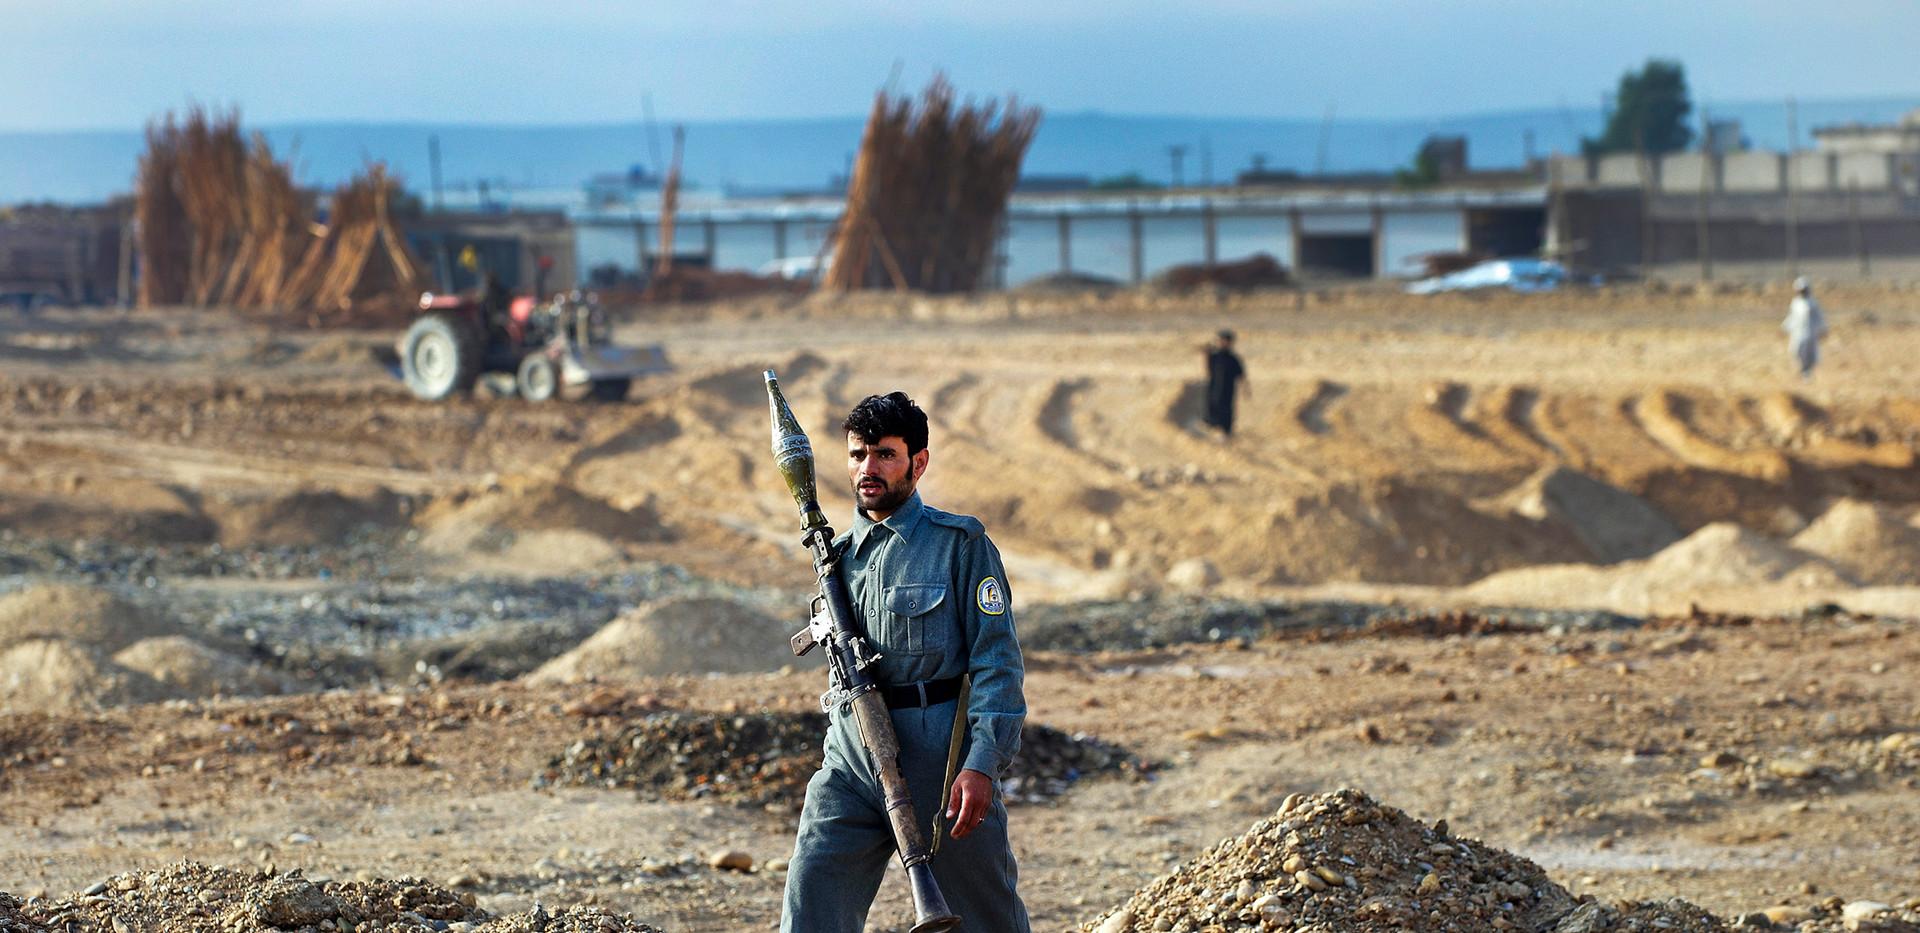 Copy of afghan_2444 copy.jpg